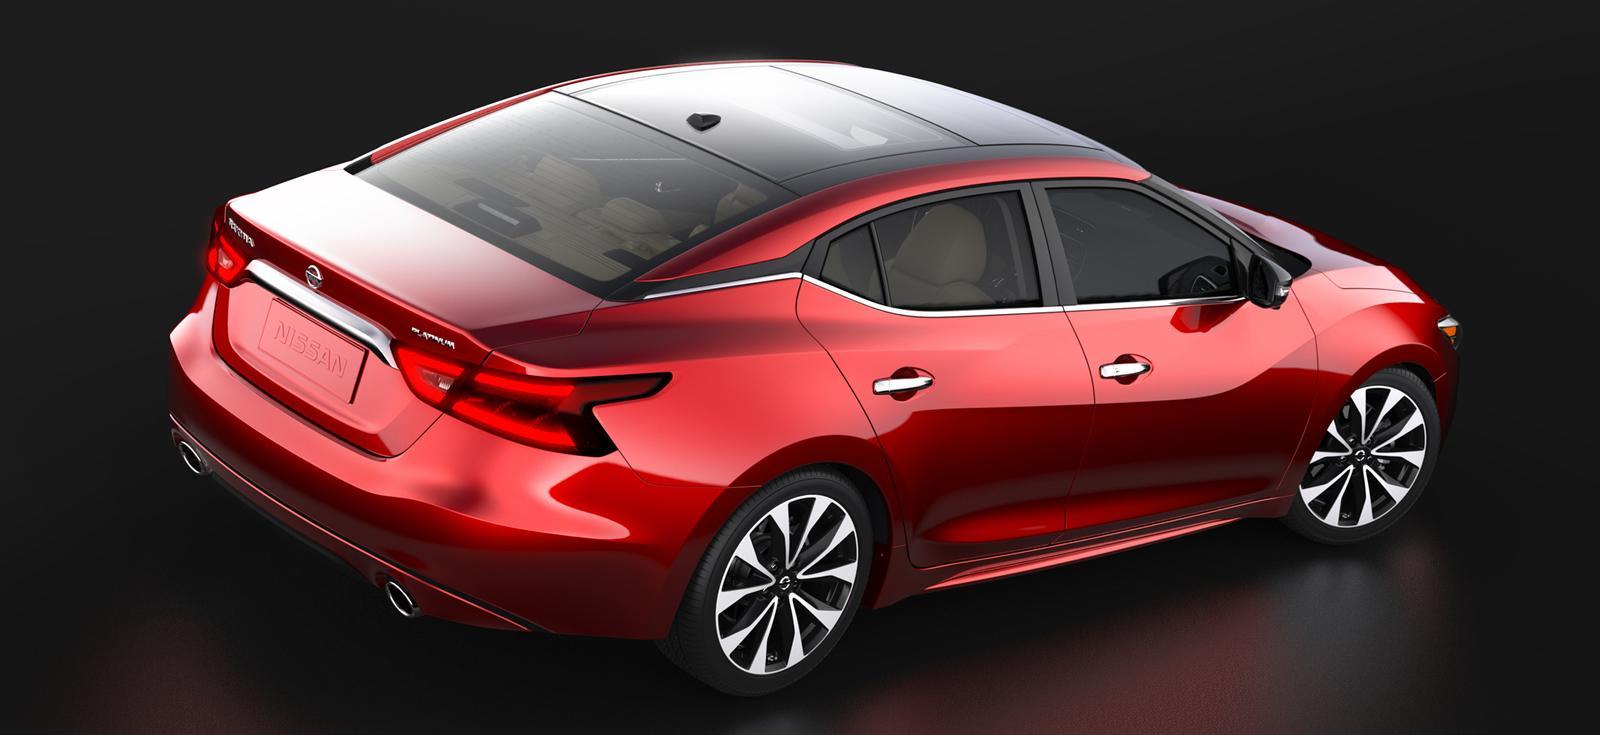 2015 Nissan Maxima >> Seuraava Nissan Maxima Tekniikan Maailma